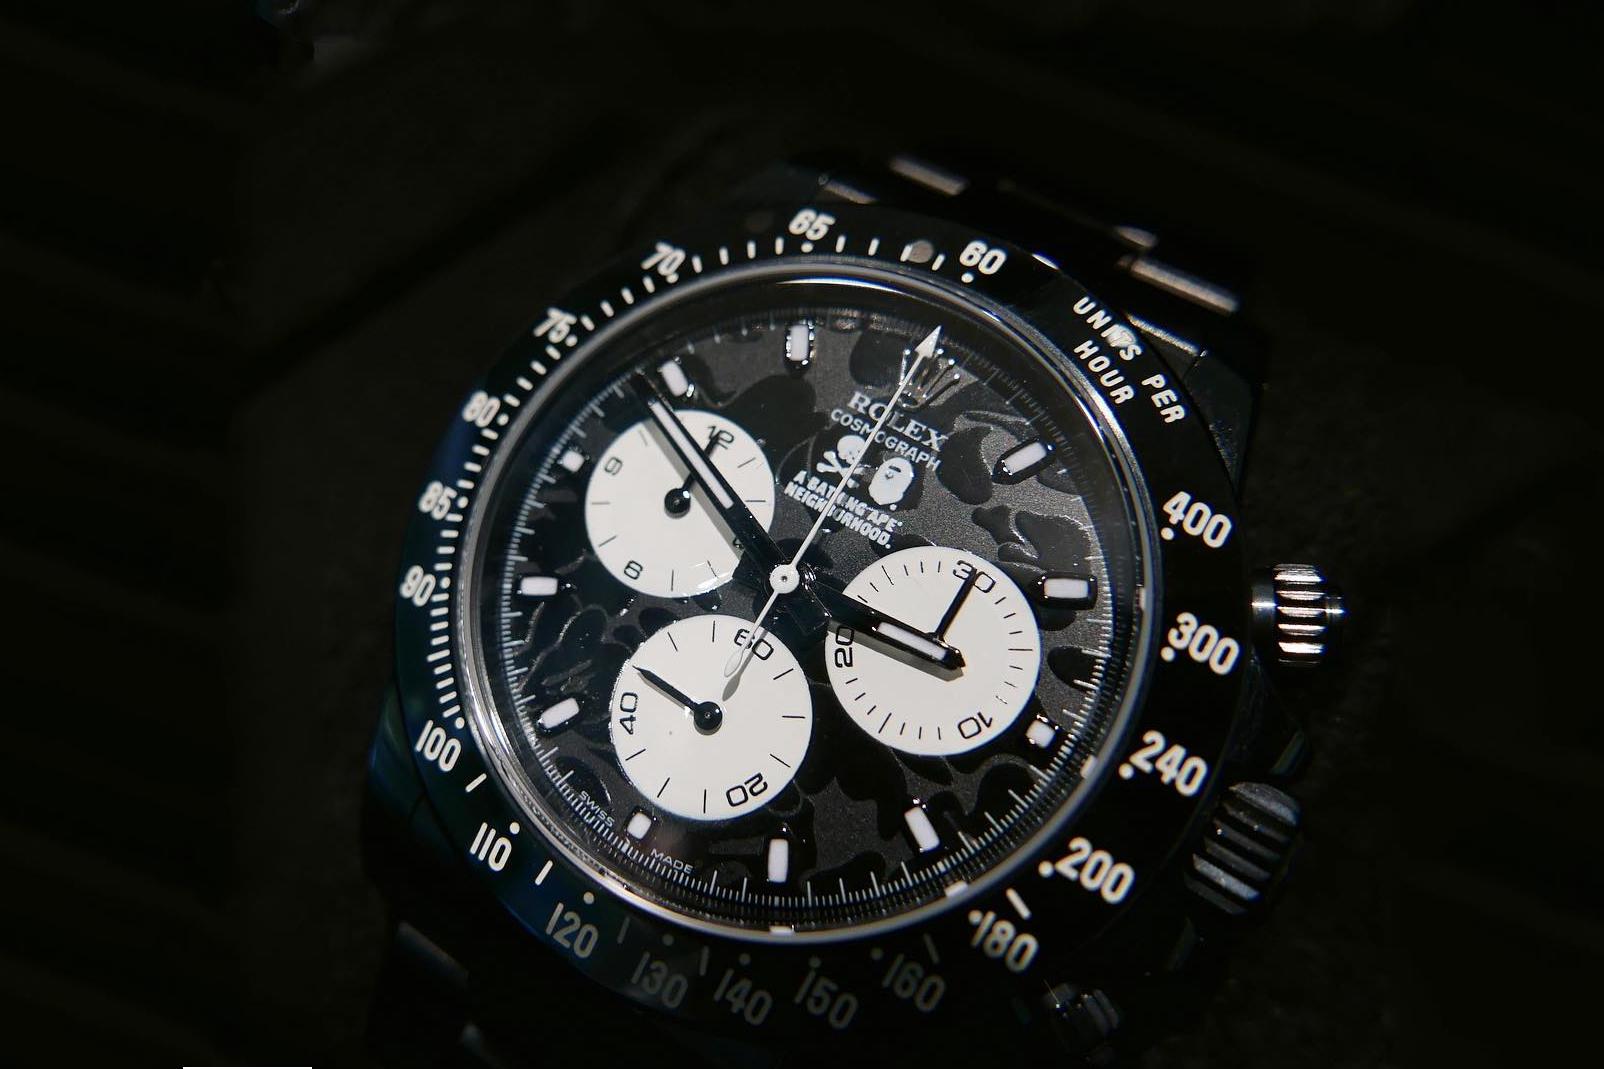 BAPE x NEIGHBORHOOD x Bamford Watch Department Rolex Watches Timepieces A Bathing Ape